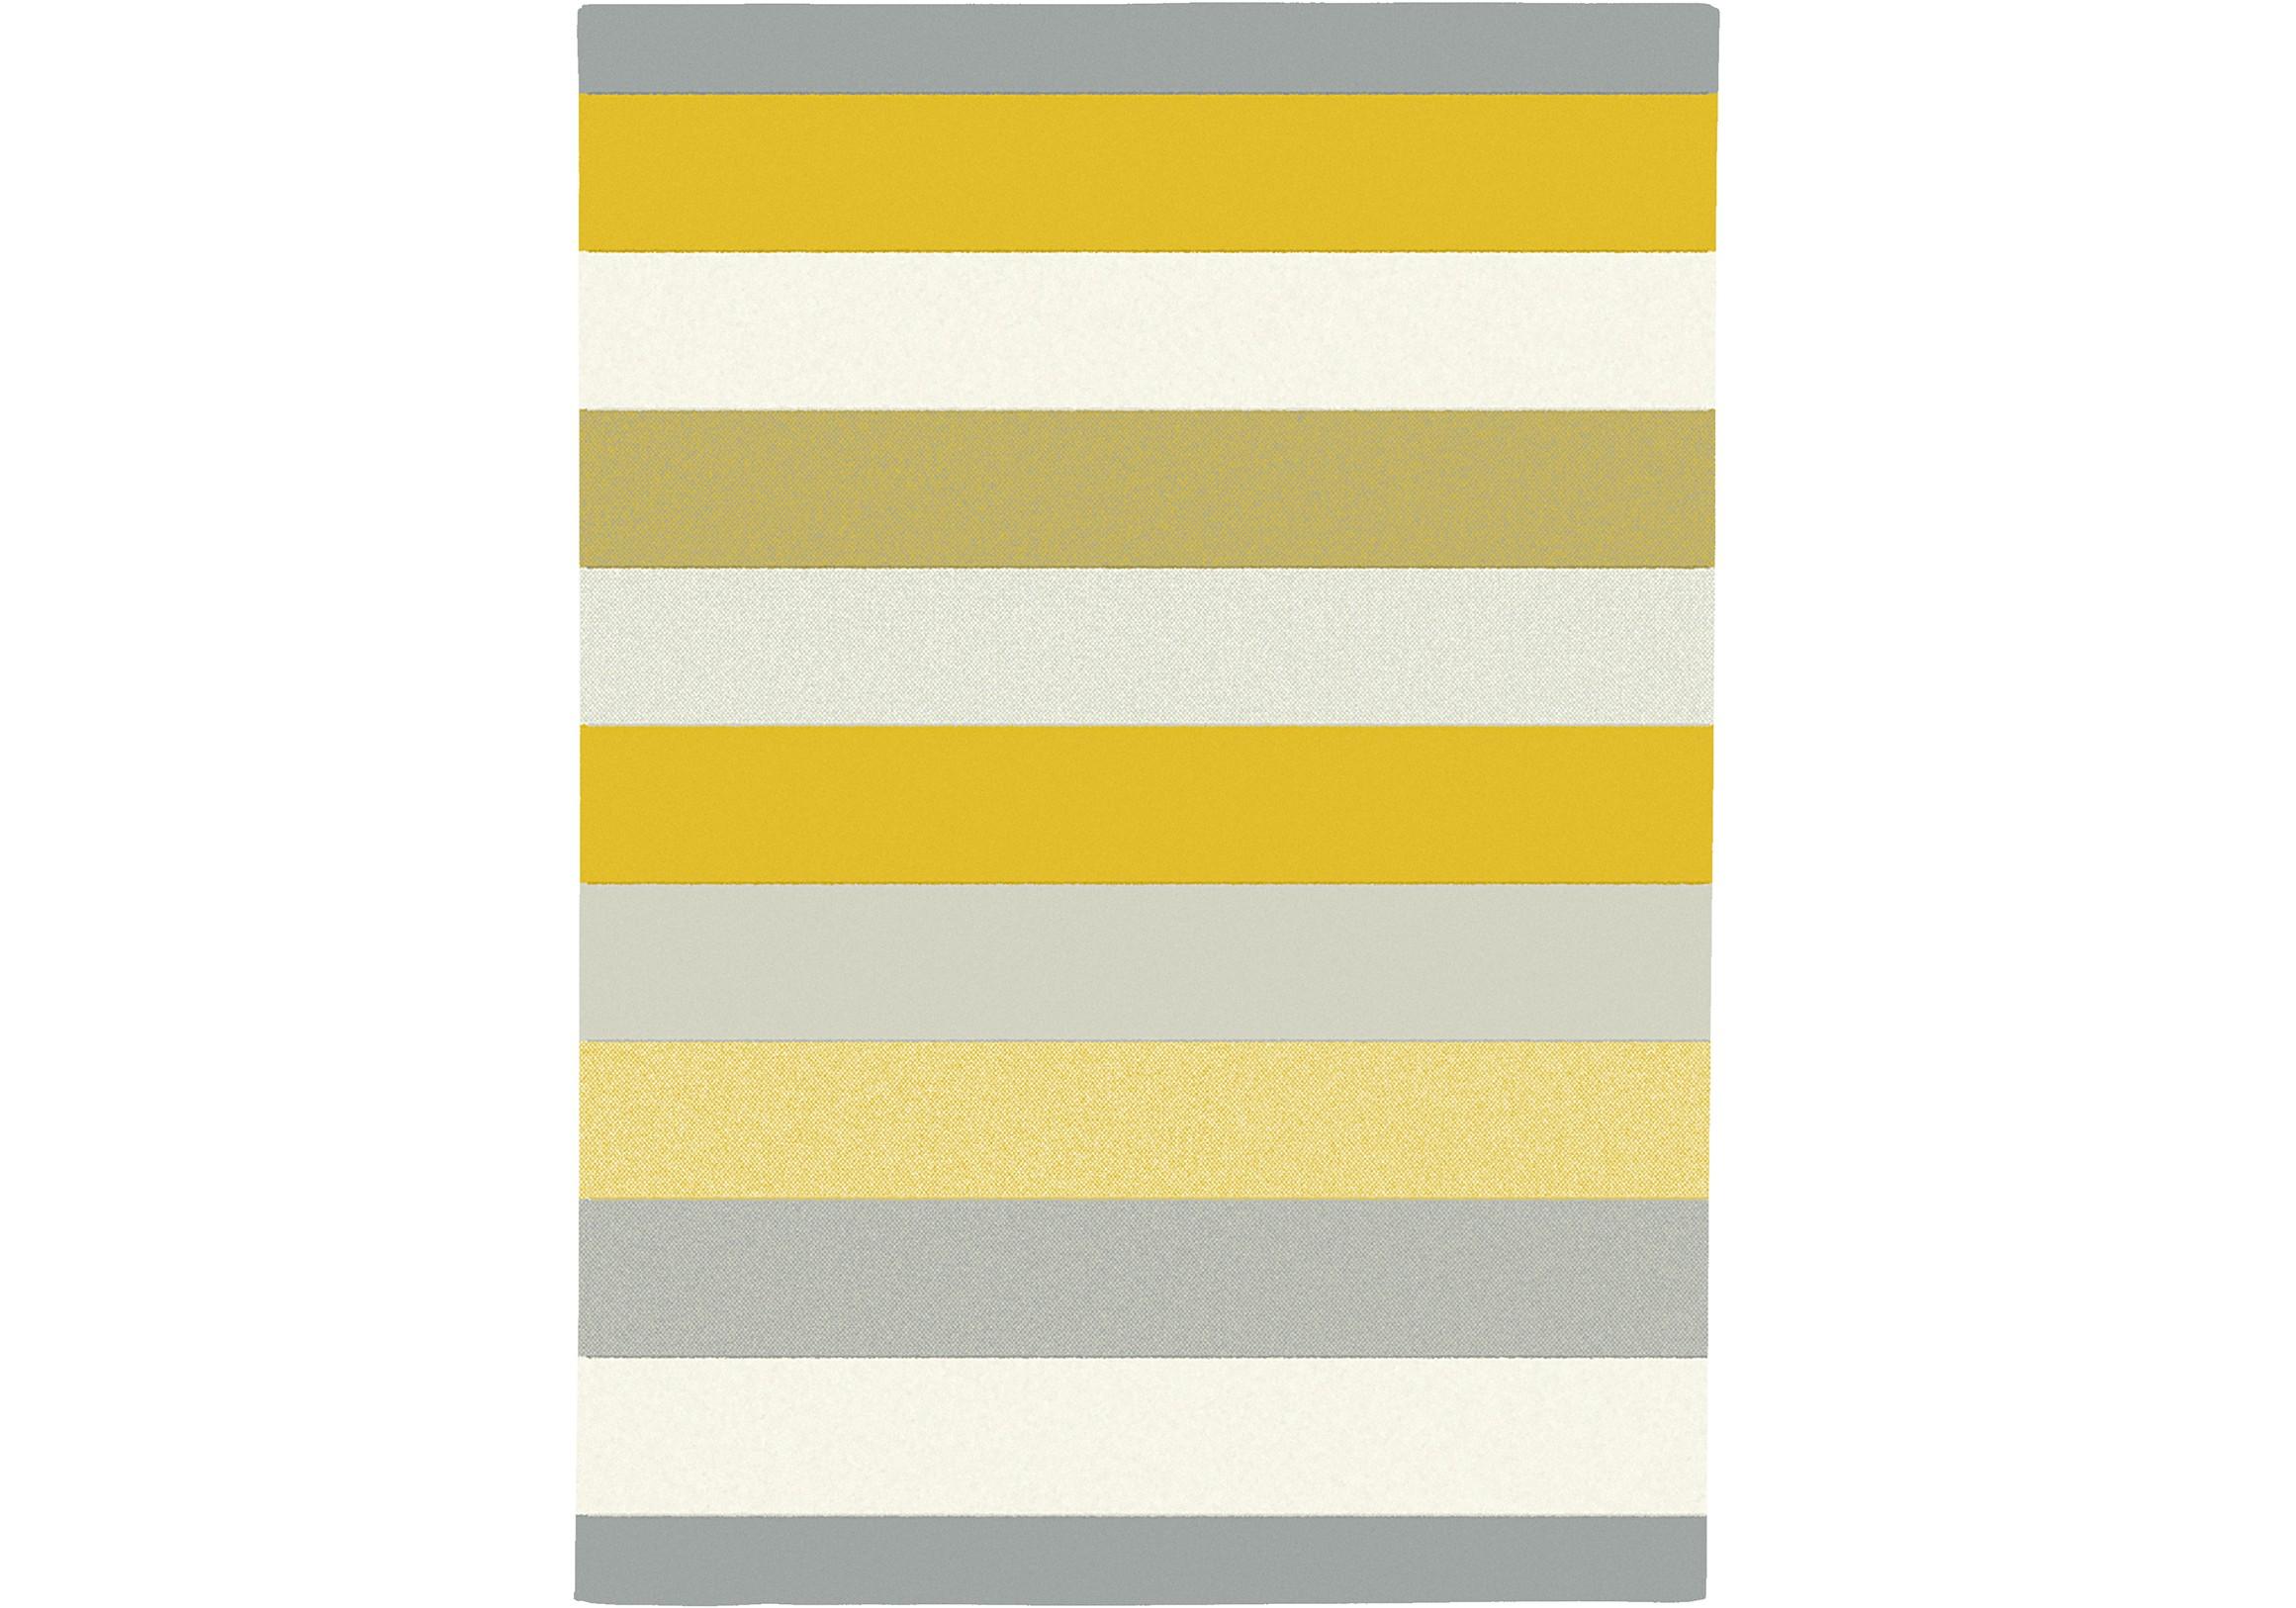 Ковер Canvas 150х80Прямоугольные ковры<br>&amp;lt;div&amp;gt;Прекрасно вписывается в любой интерьер.&amp;lt;/div&amp;gt;&amp;lt;div&amp;gt;Актуальная цветовая гамма.&amp;amp;nbsp;&amp;lt;/div&amp;gt;&amp;lt;div&amp;gt;&amp;lt;br&amp;gt;&amp;lt;div&amp;gt;Материал: 100% Полипропилен.&amp;lt;/div&amp;gt;&amp;lt;/div&amp;gt;<br><br>Material: Текстиль<br>Ширина см: 150<br>Глубина см: 80